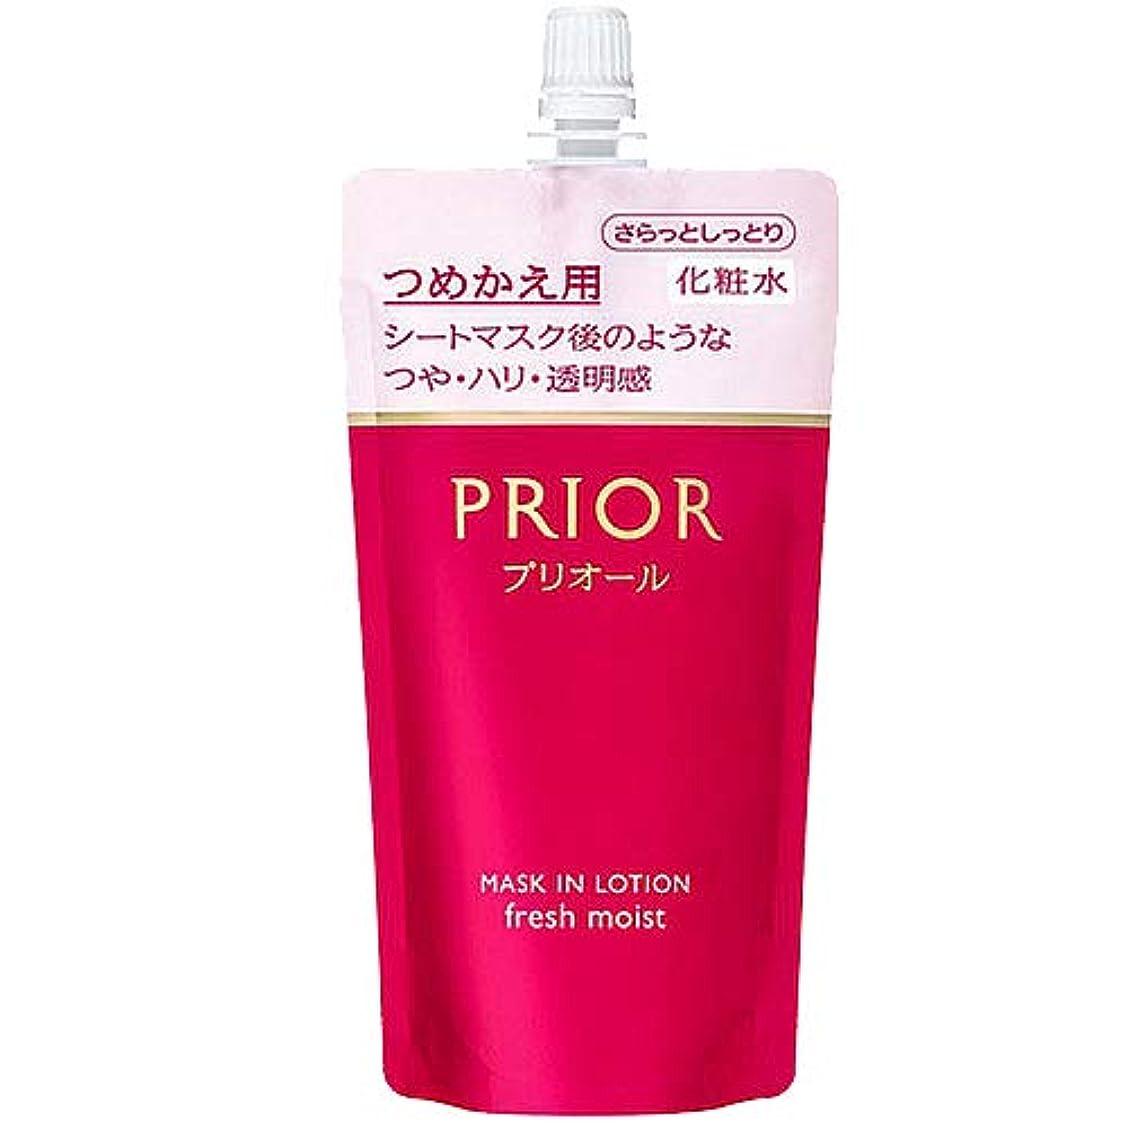 動揺させるようこそ蒸留資生堂 SHISEIDO プリオール マスクイン化粧水 (さらっとしっとり) (つめかえ用) 140ml [並行輸入品]